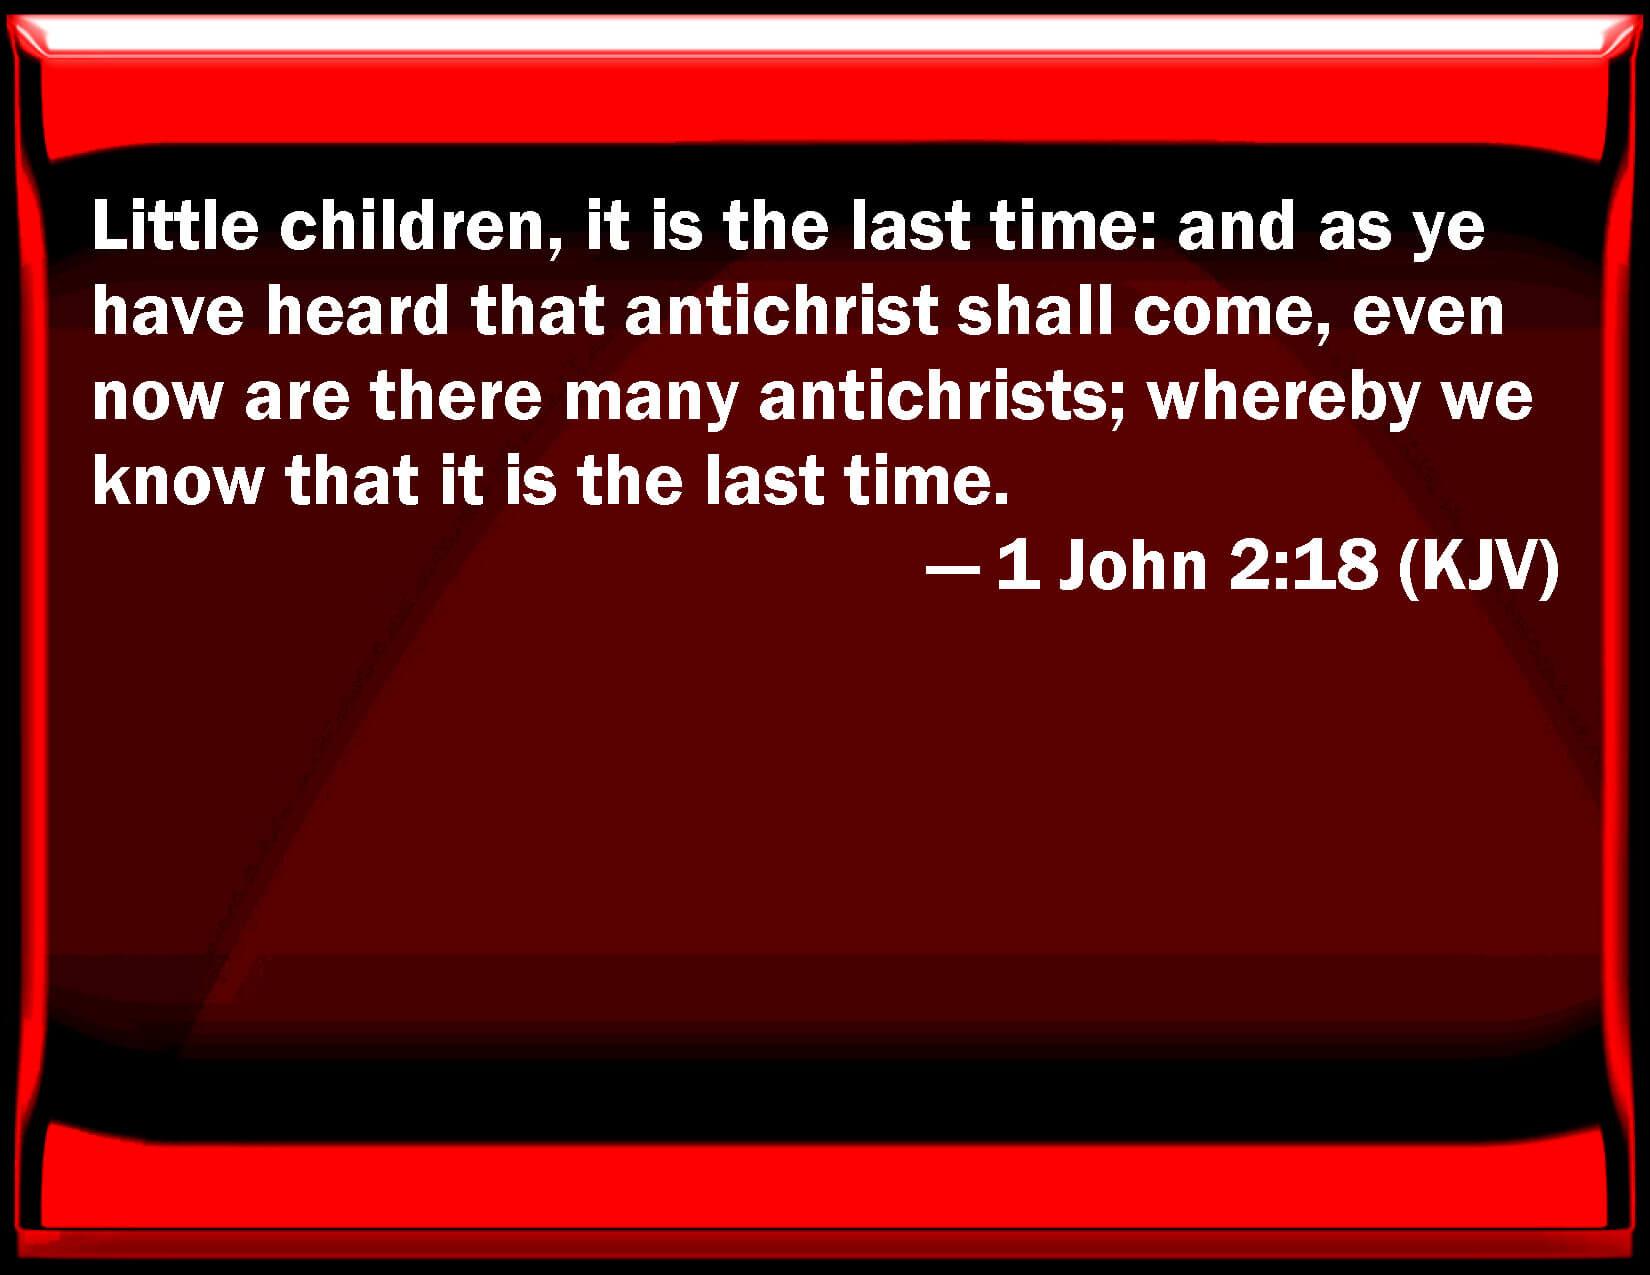 1 John 2:18